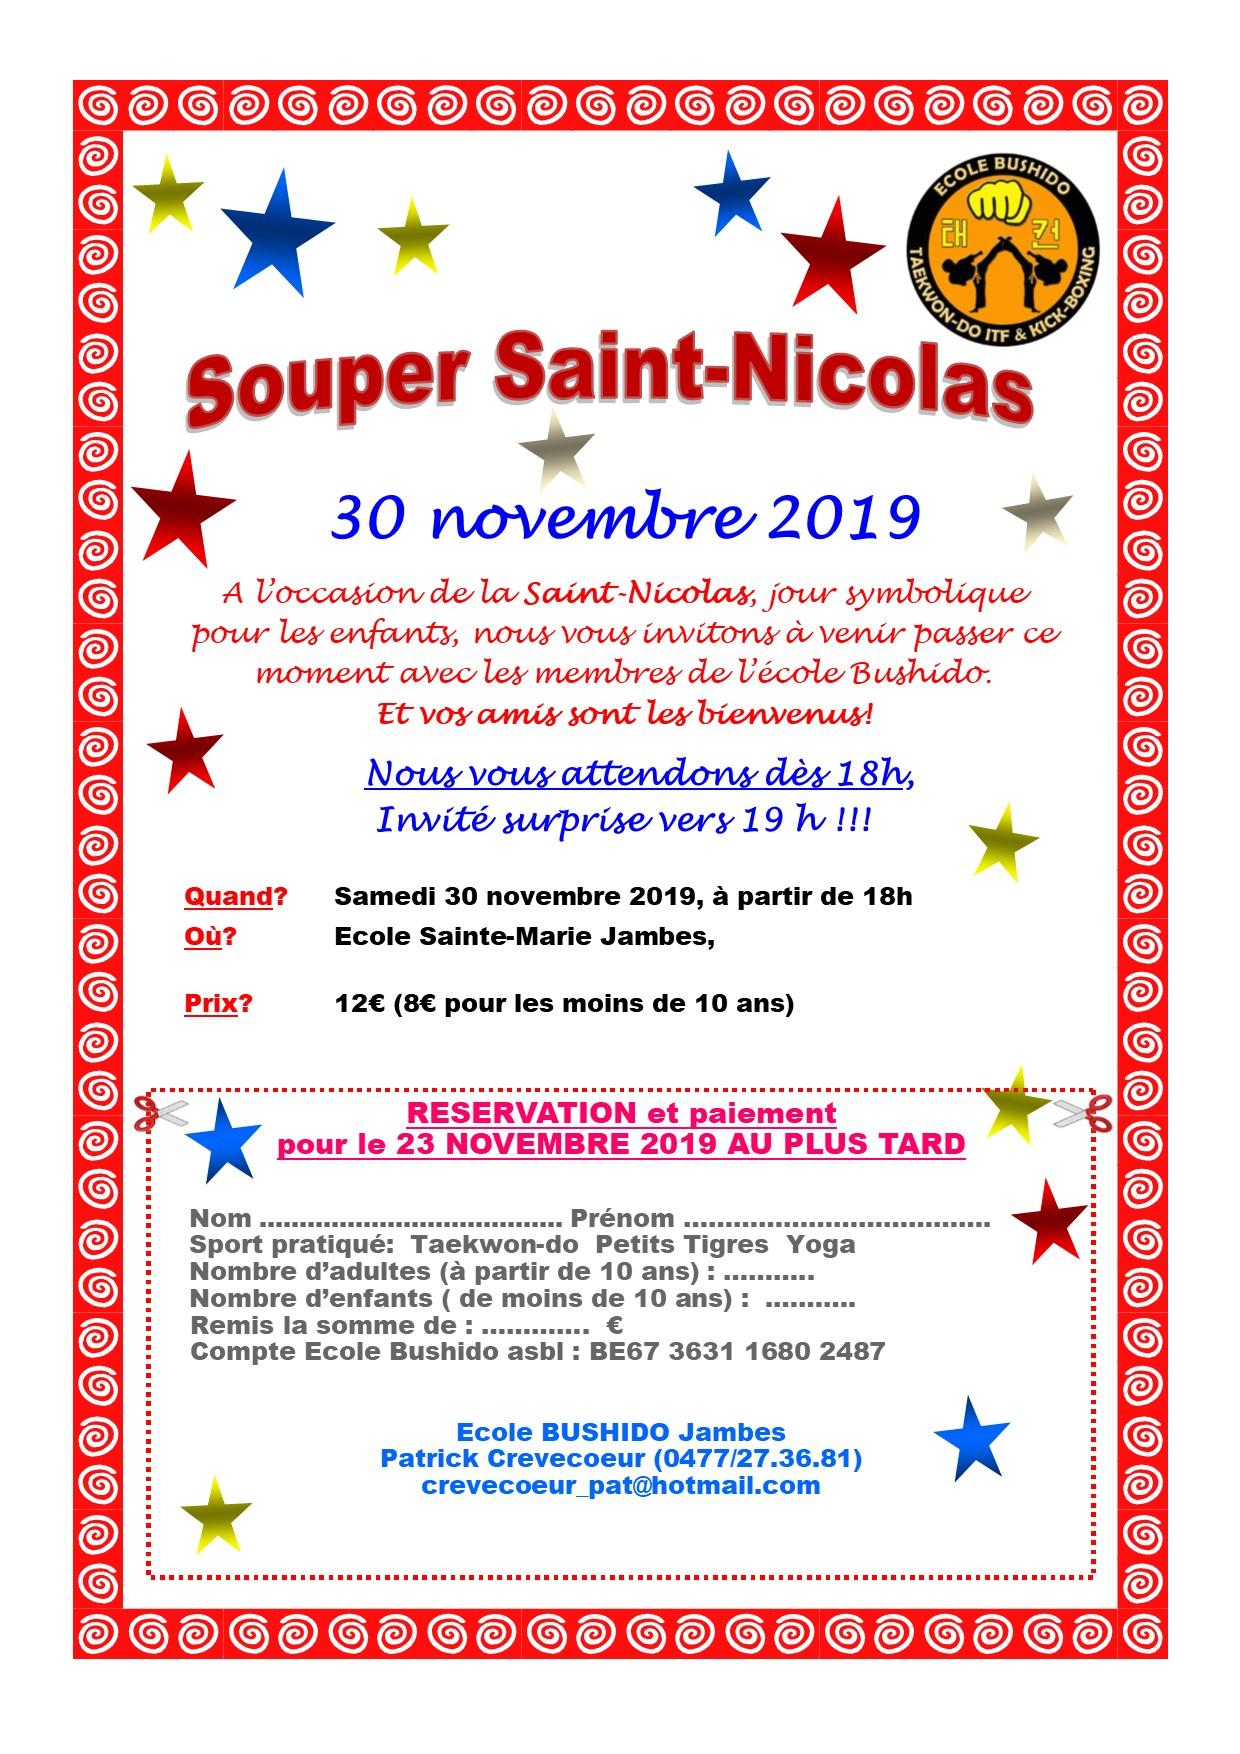 Souper saint-nicolas 2019.jpg